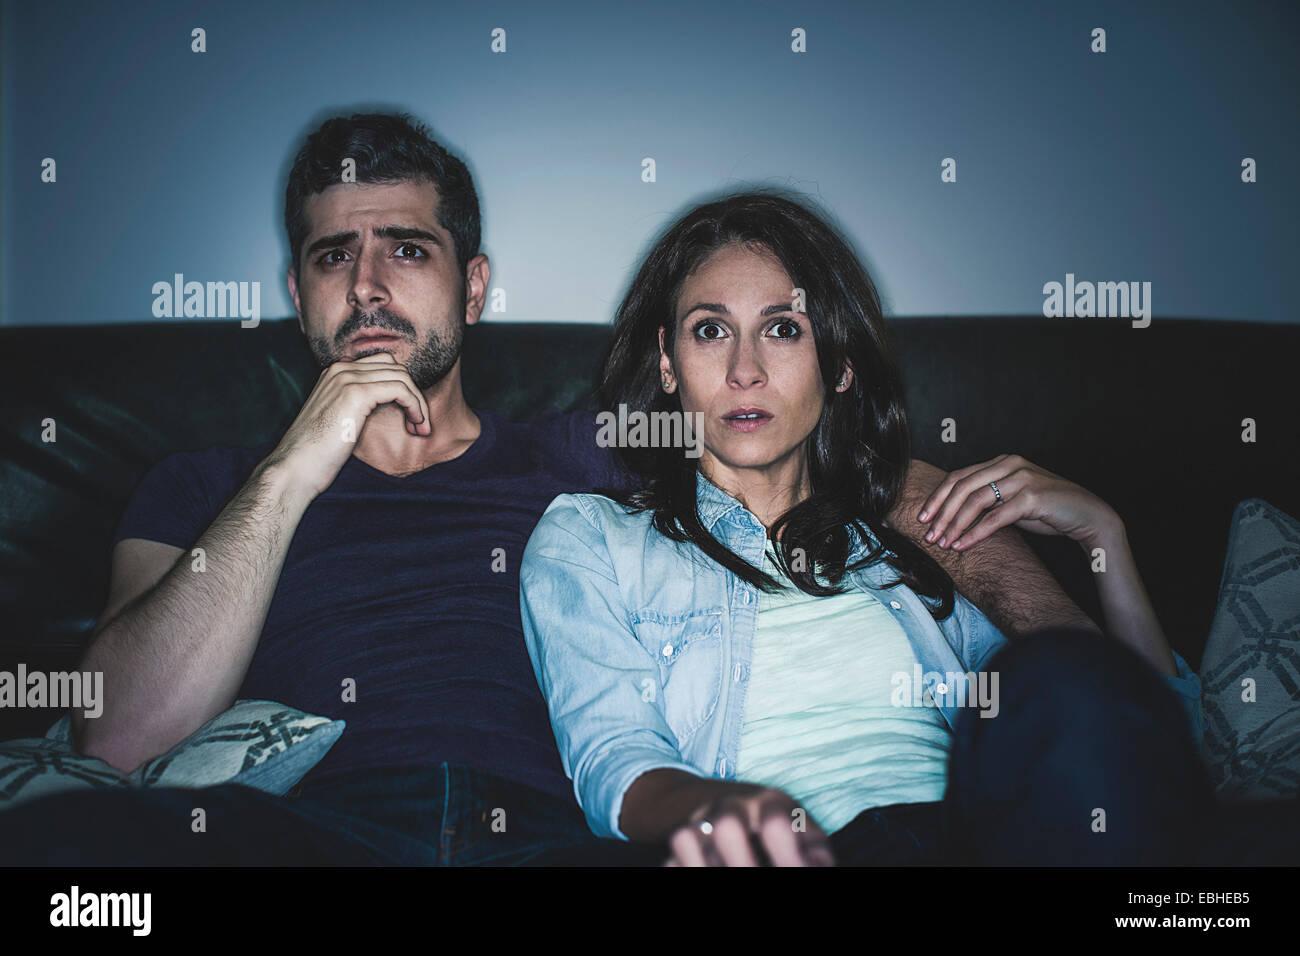 Par ver thriller en el sofá Imagen De Stock